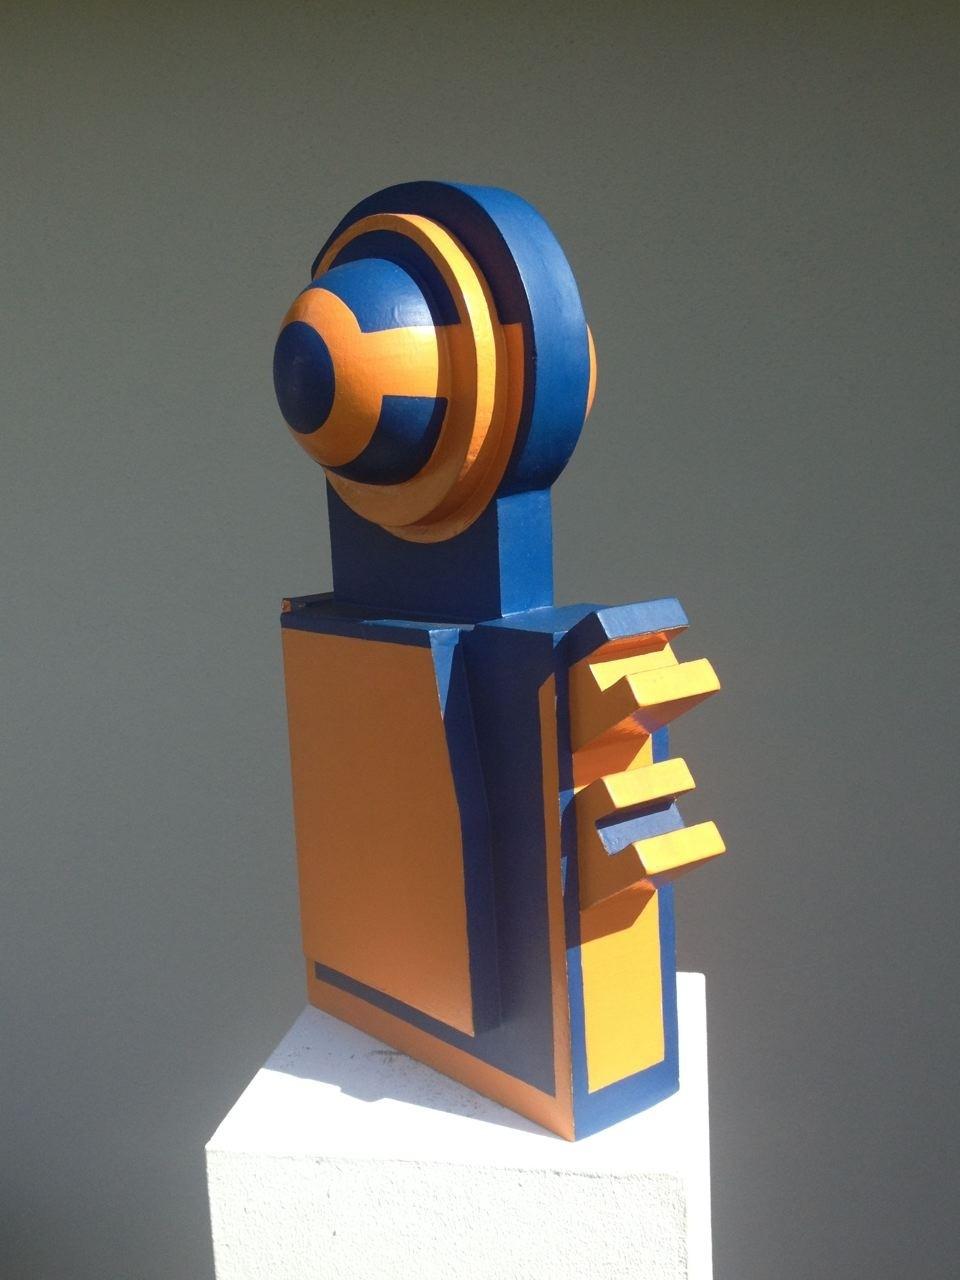 Kleinplastik, Holz/Lack, 43 x 25 x 14 cm, 1970 (#586)